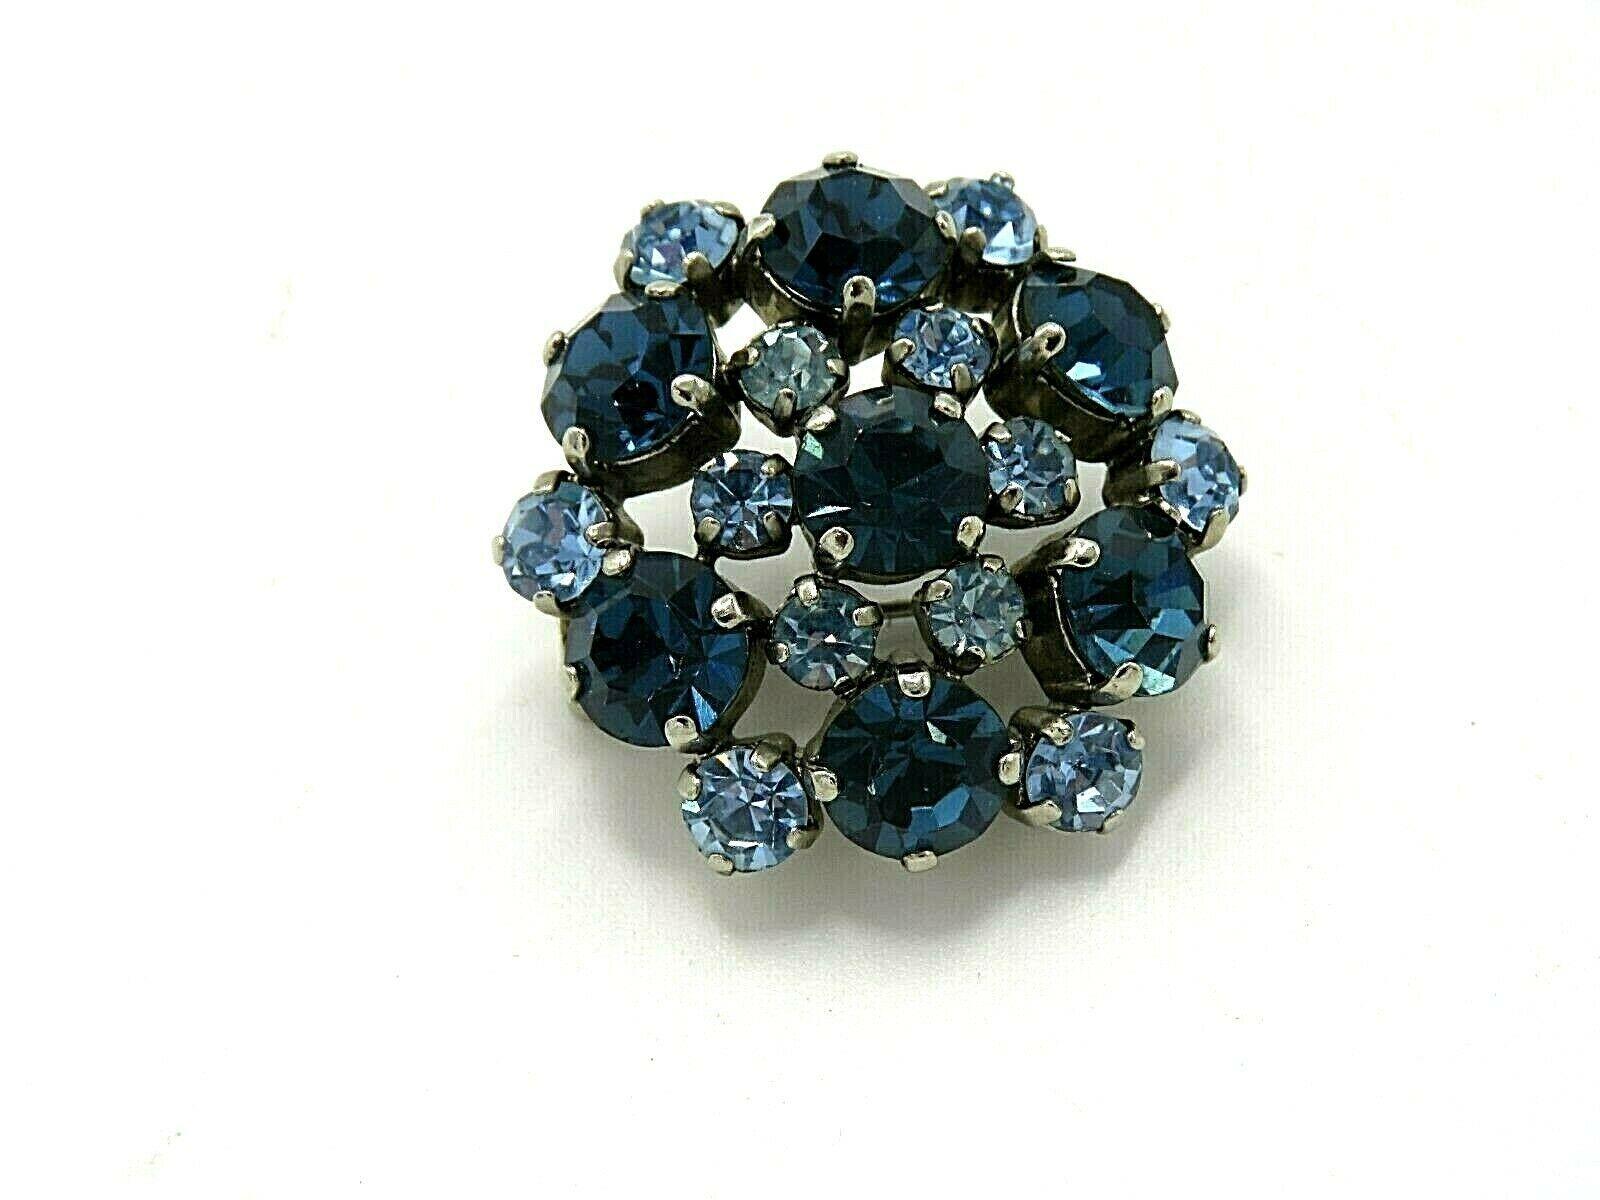 Vintage Blue and Purple Rhinestone Pinback Brooch - $29.95